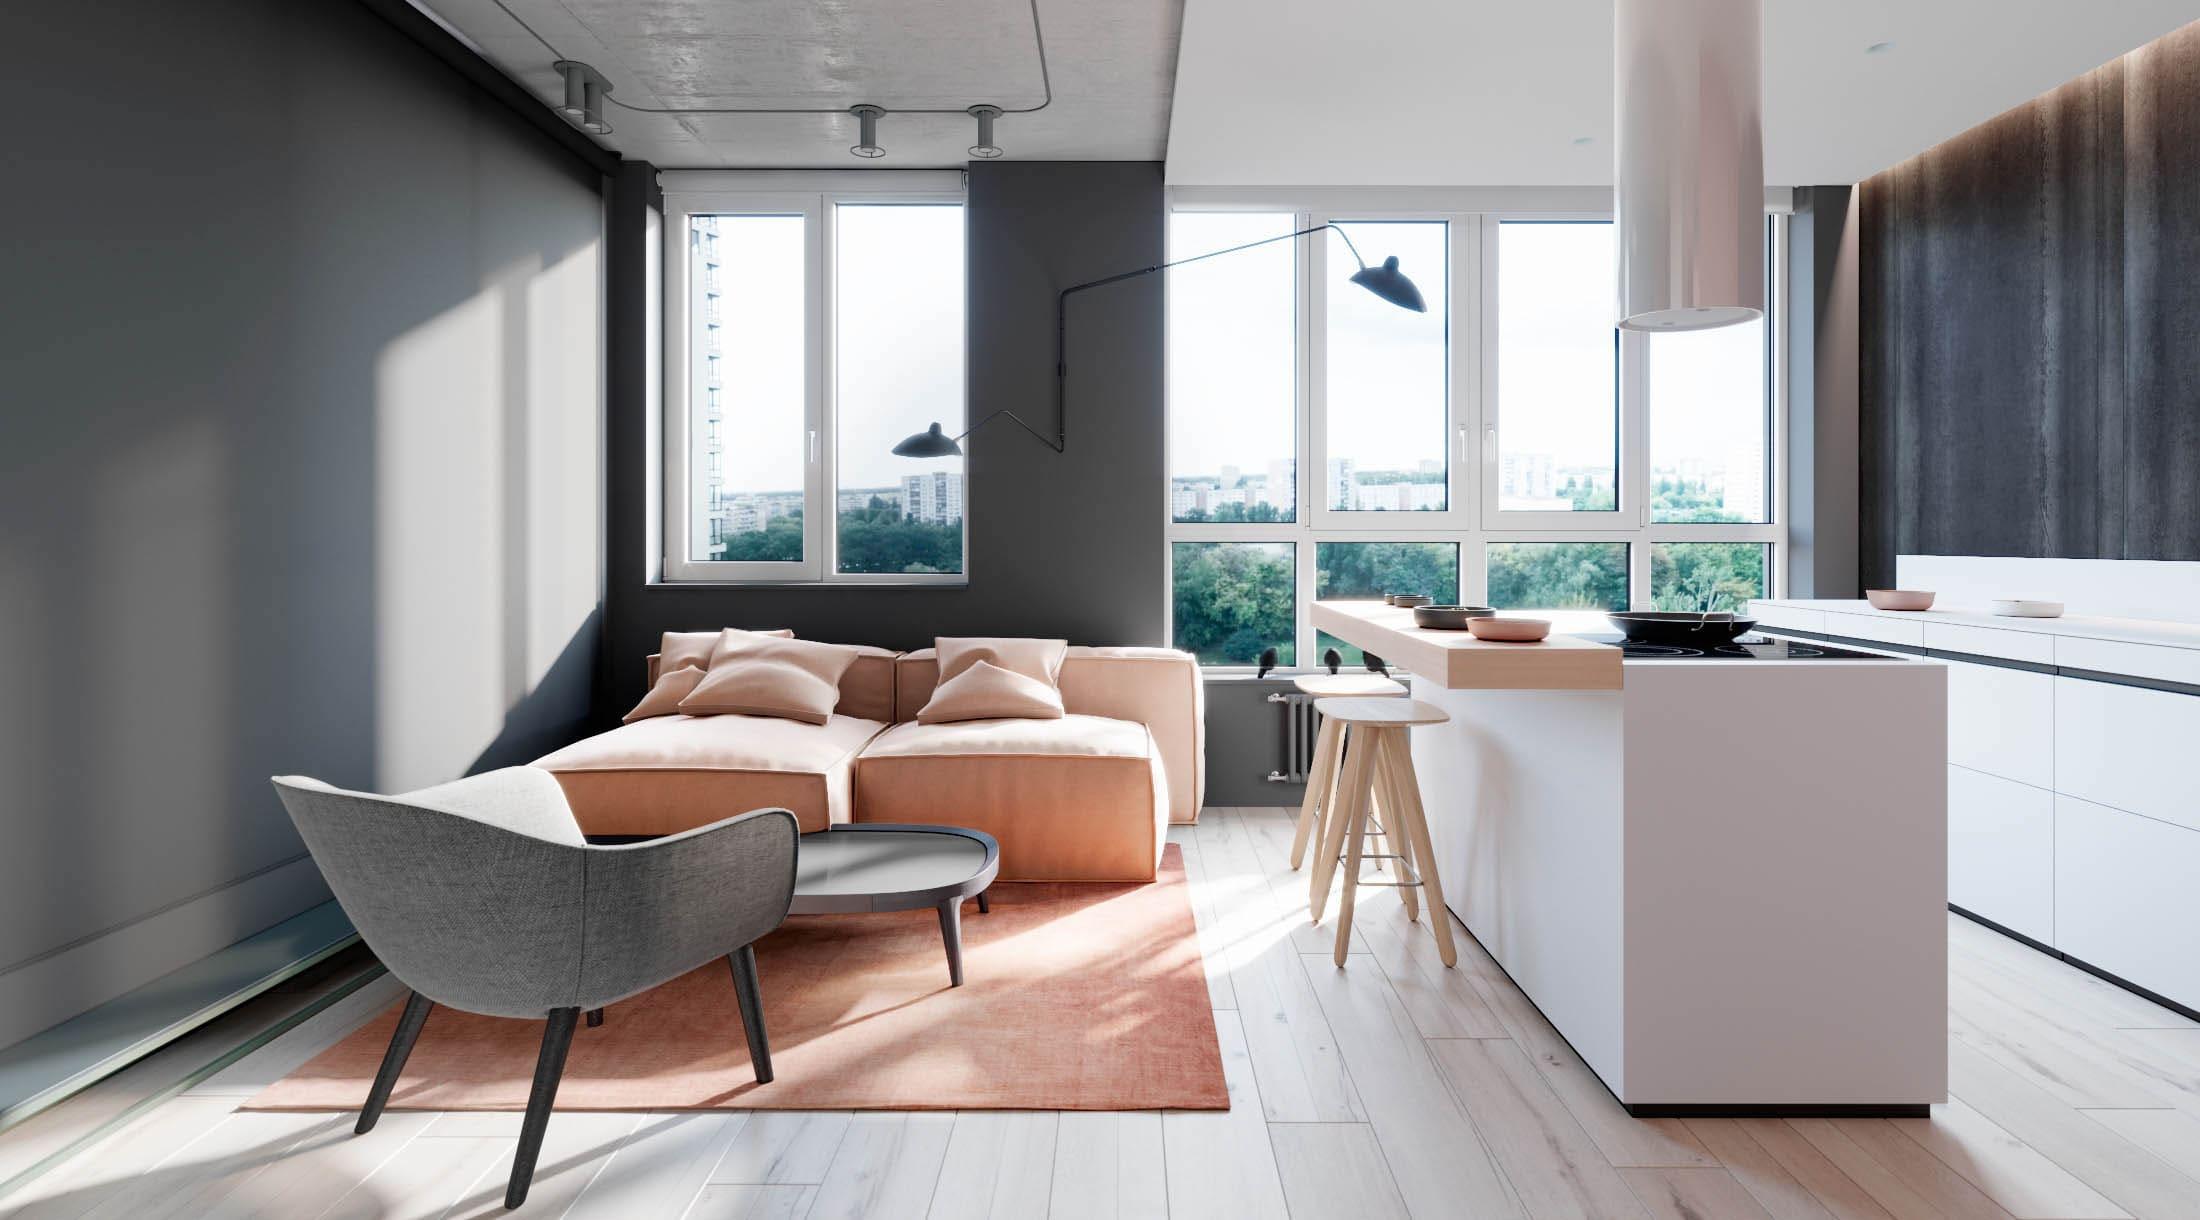 Максимум света и живой природы в городской квартире